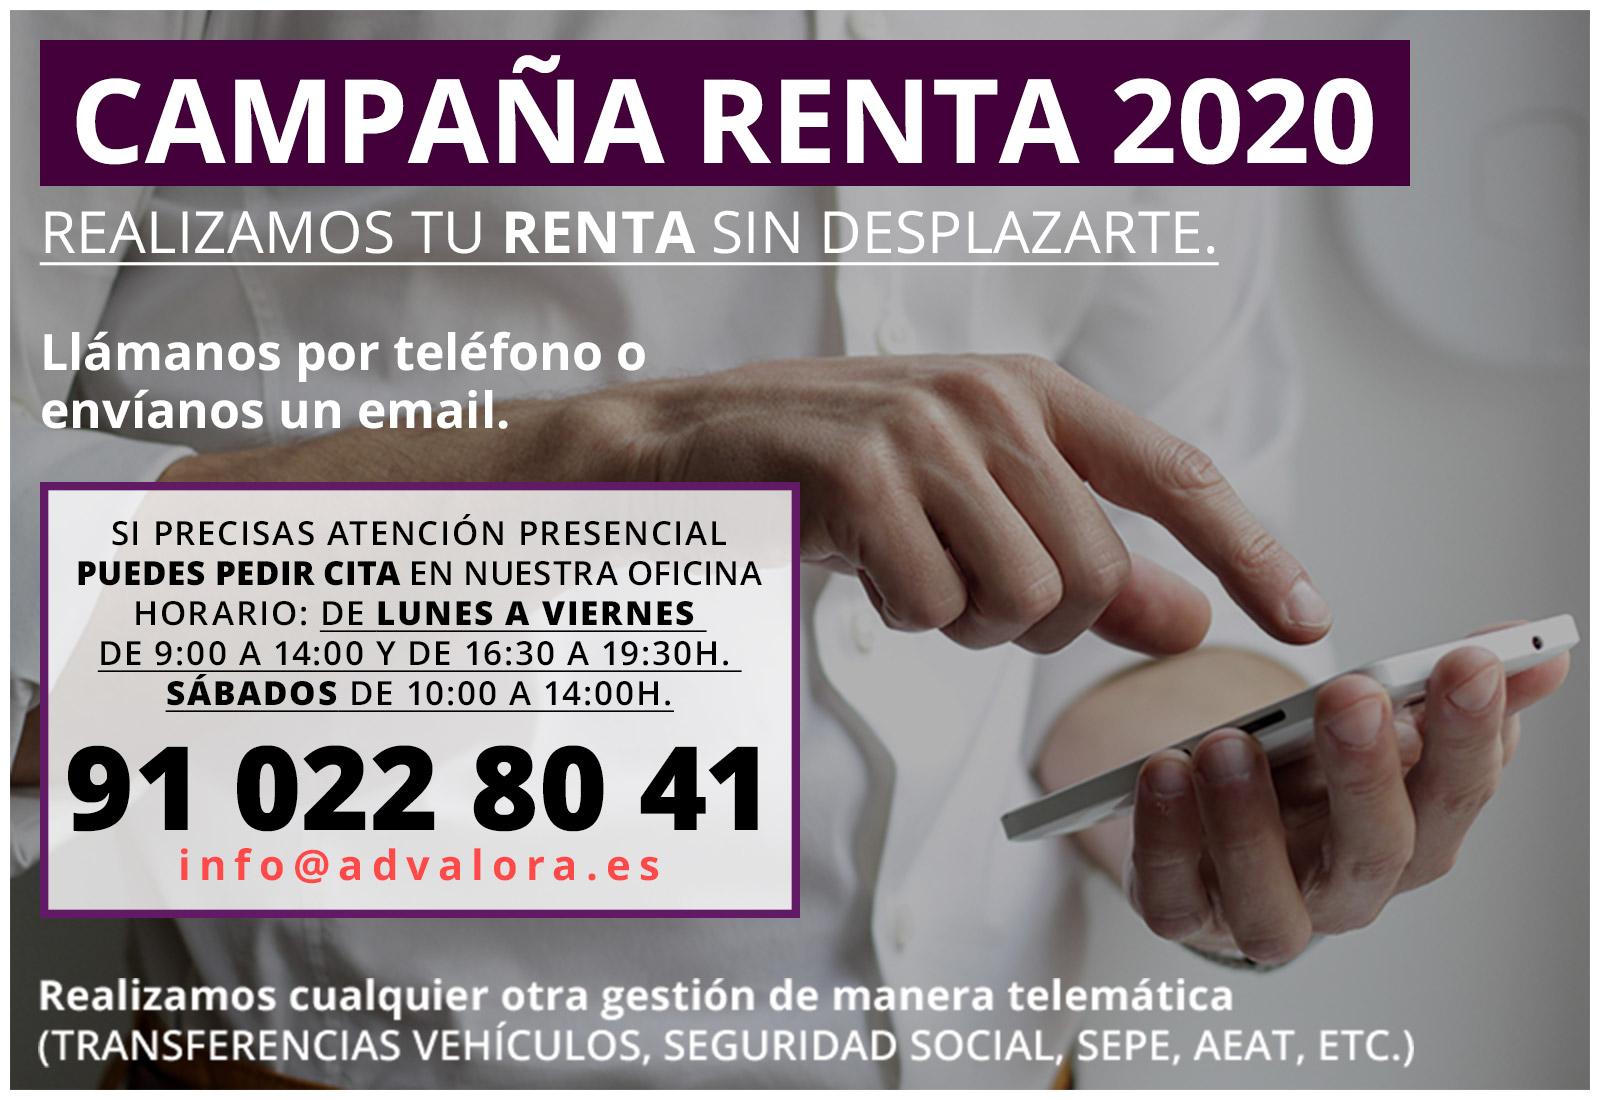 Campaña Renta 2020 ¡Sin necesidad de desplazarte!